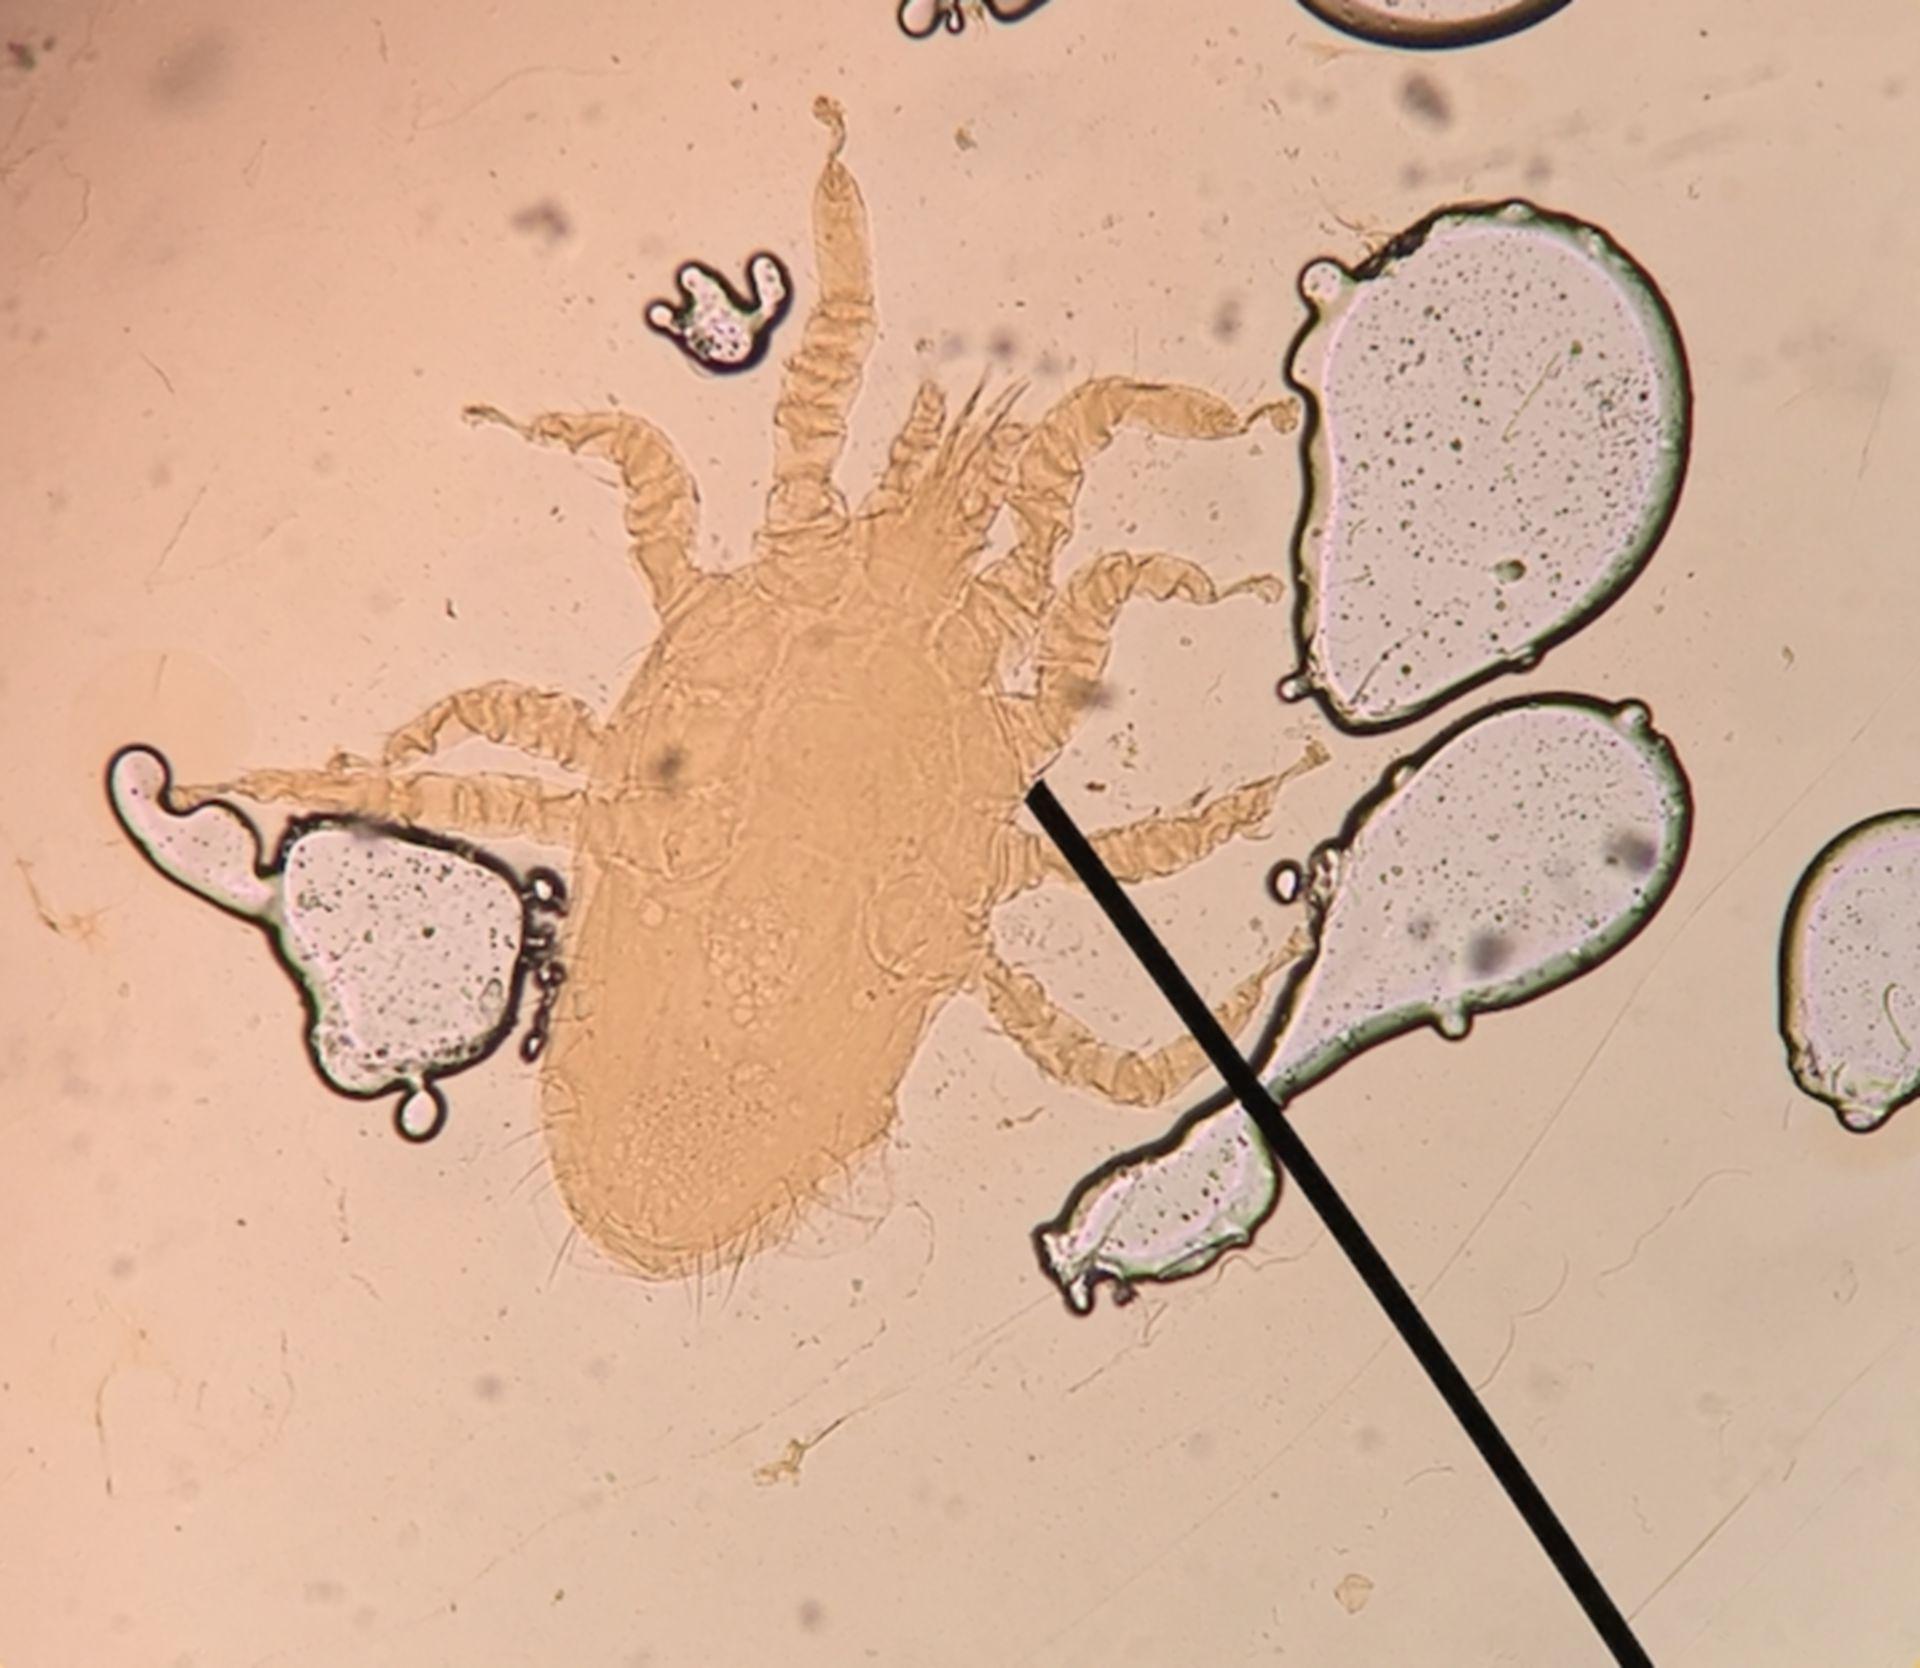 Ornithonyssus sylvarium (1/3)